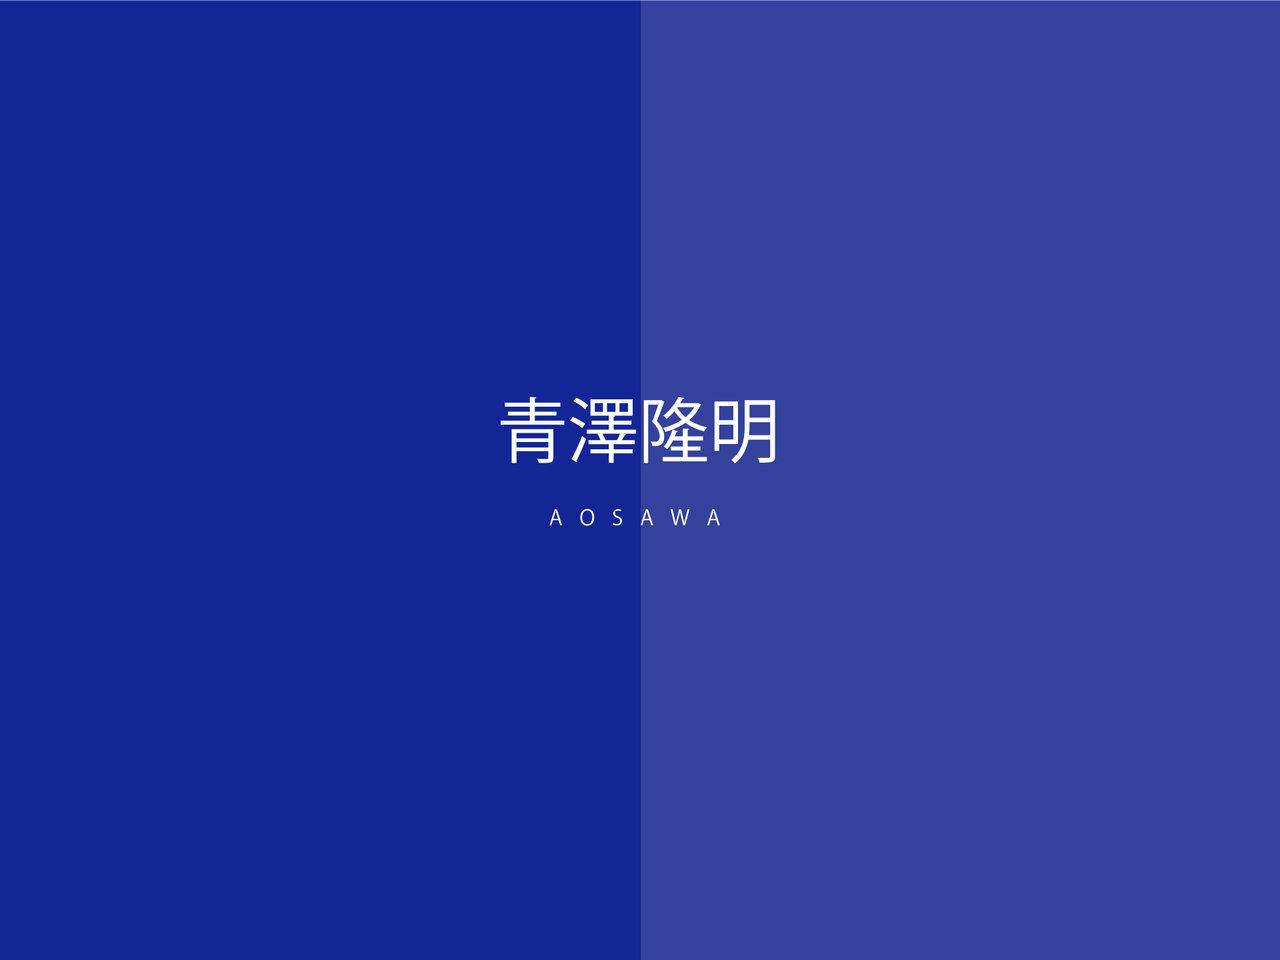 新しい旅の風景を - 宮田大と大萩康司のTravelogue